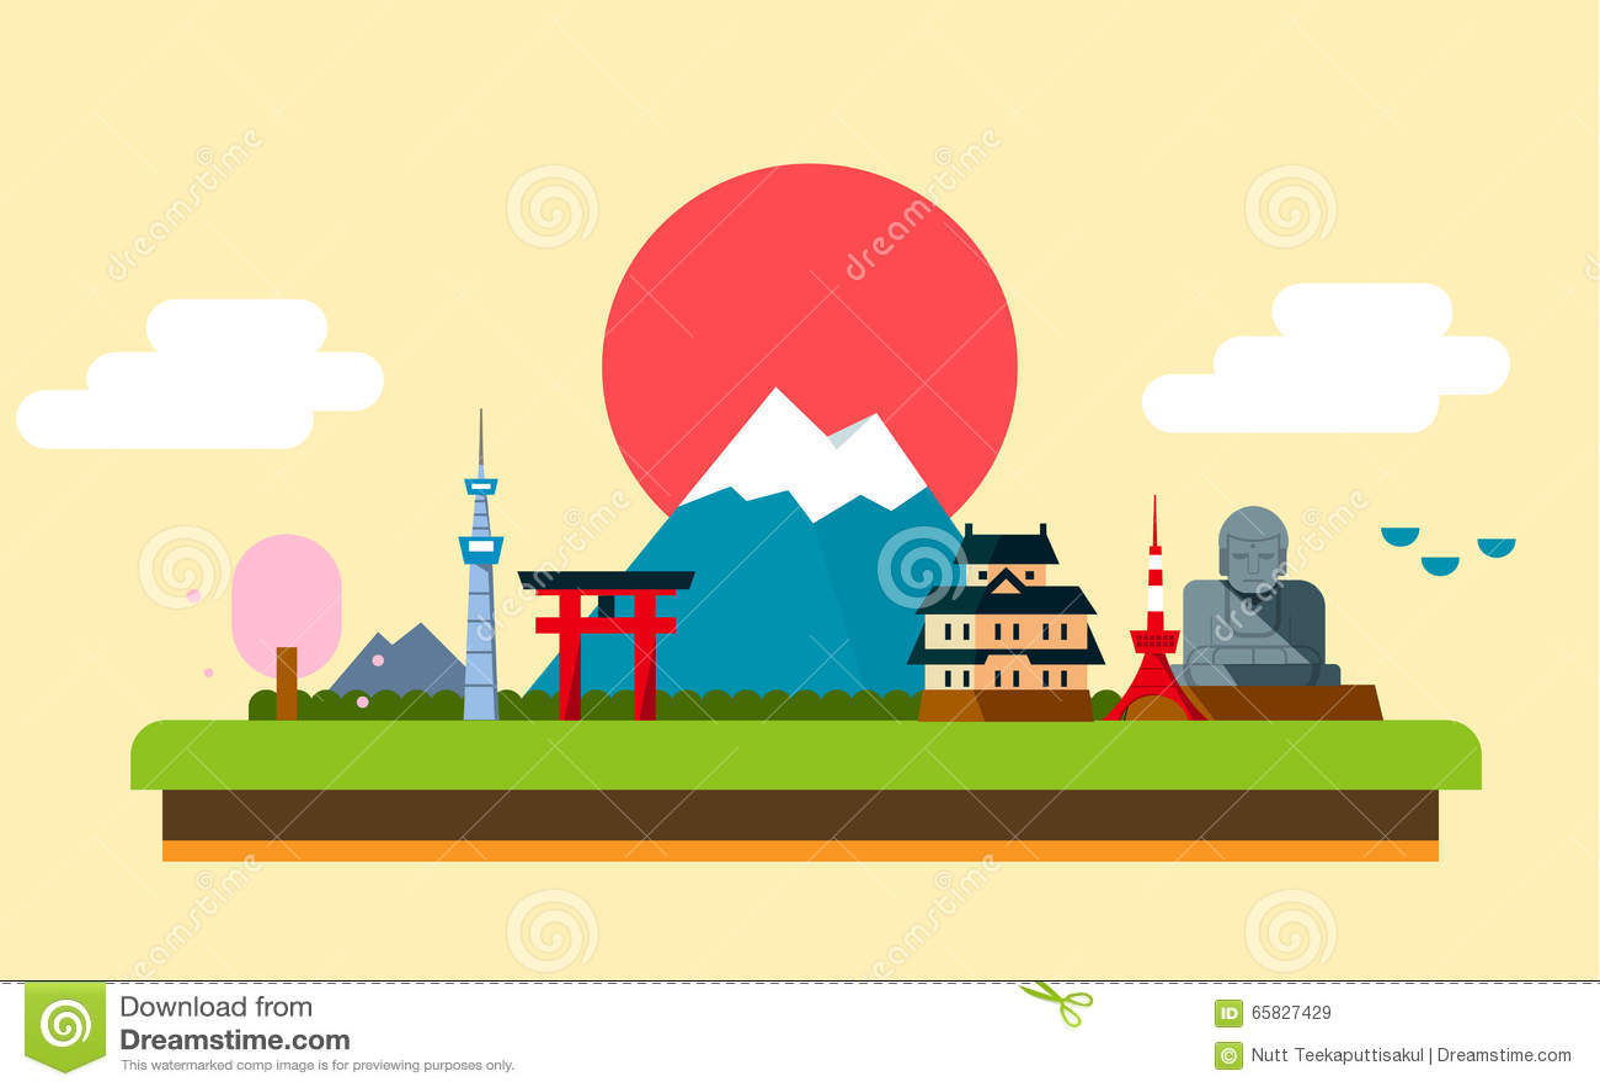 日本象设计旅行目的地概念,旅行设计模板汇集,传染媒介.图片